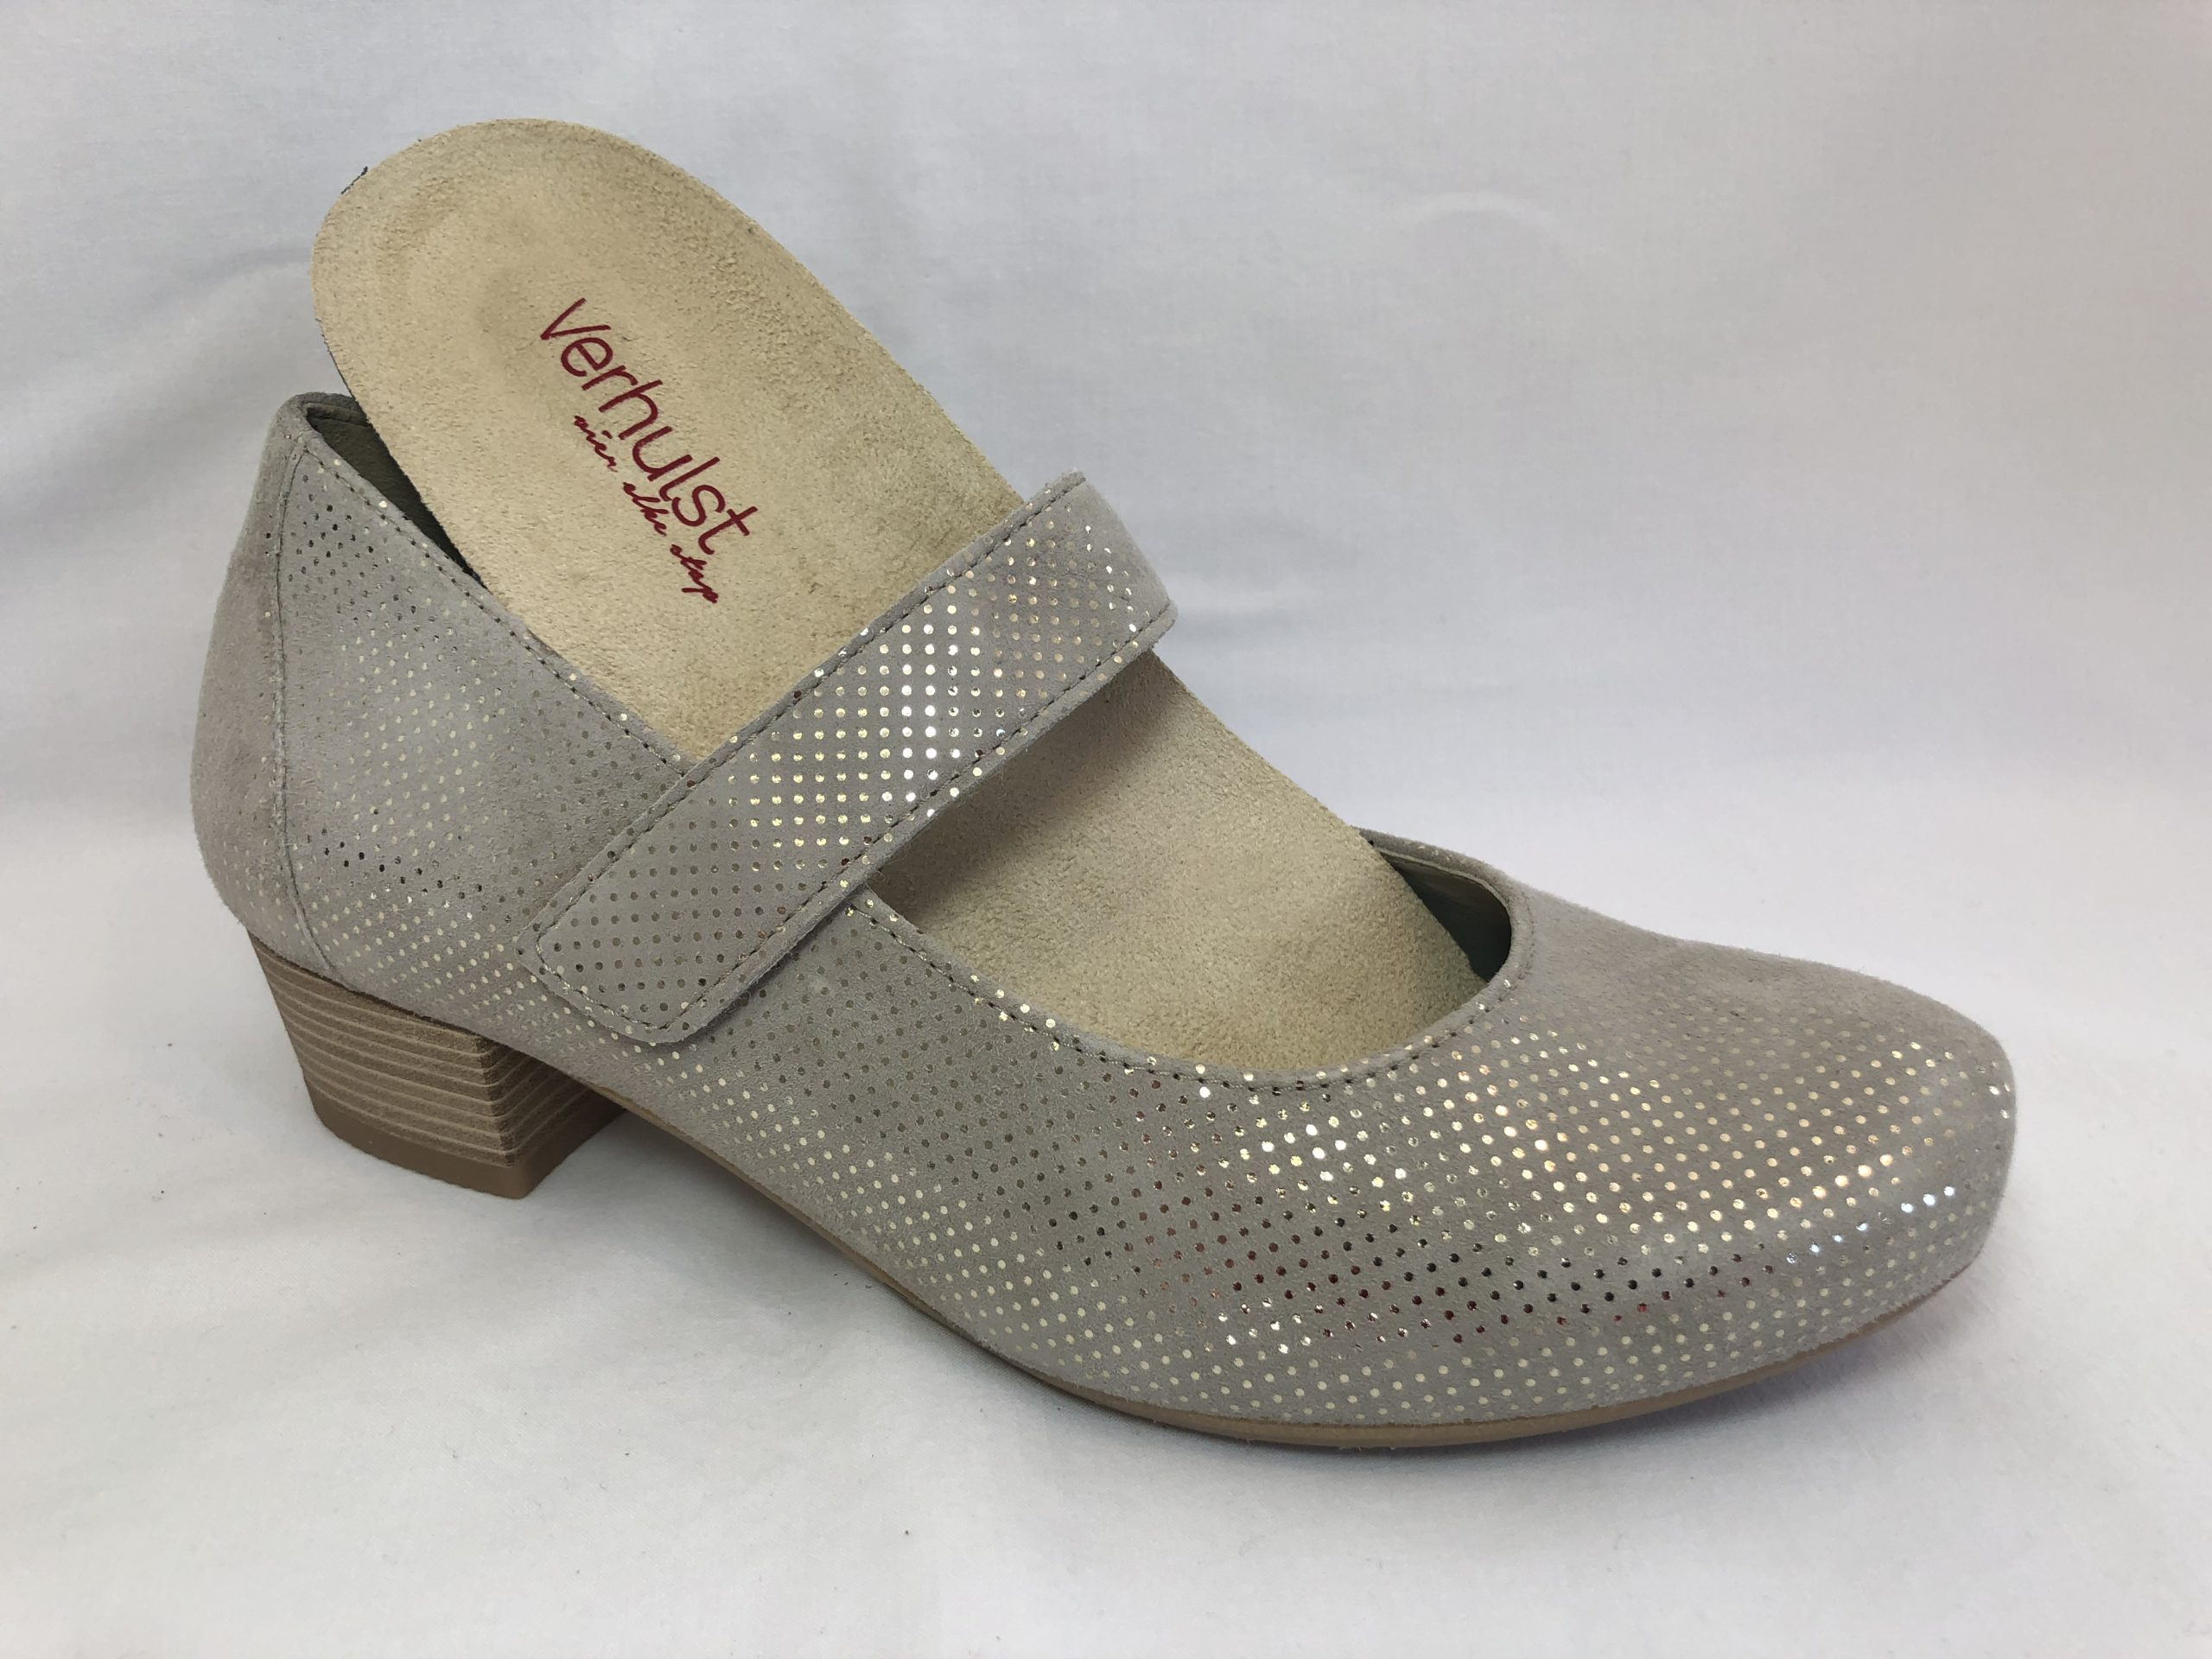 Magasin de chaussures orthopédiques à Jodoigne - Verhulst